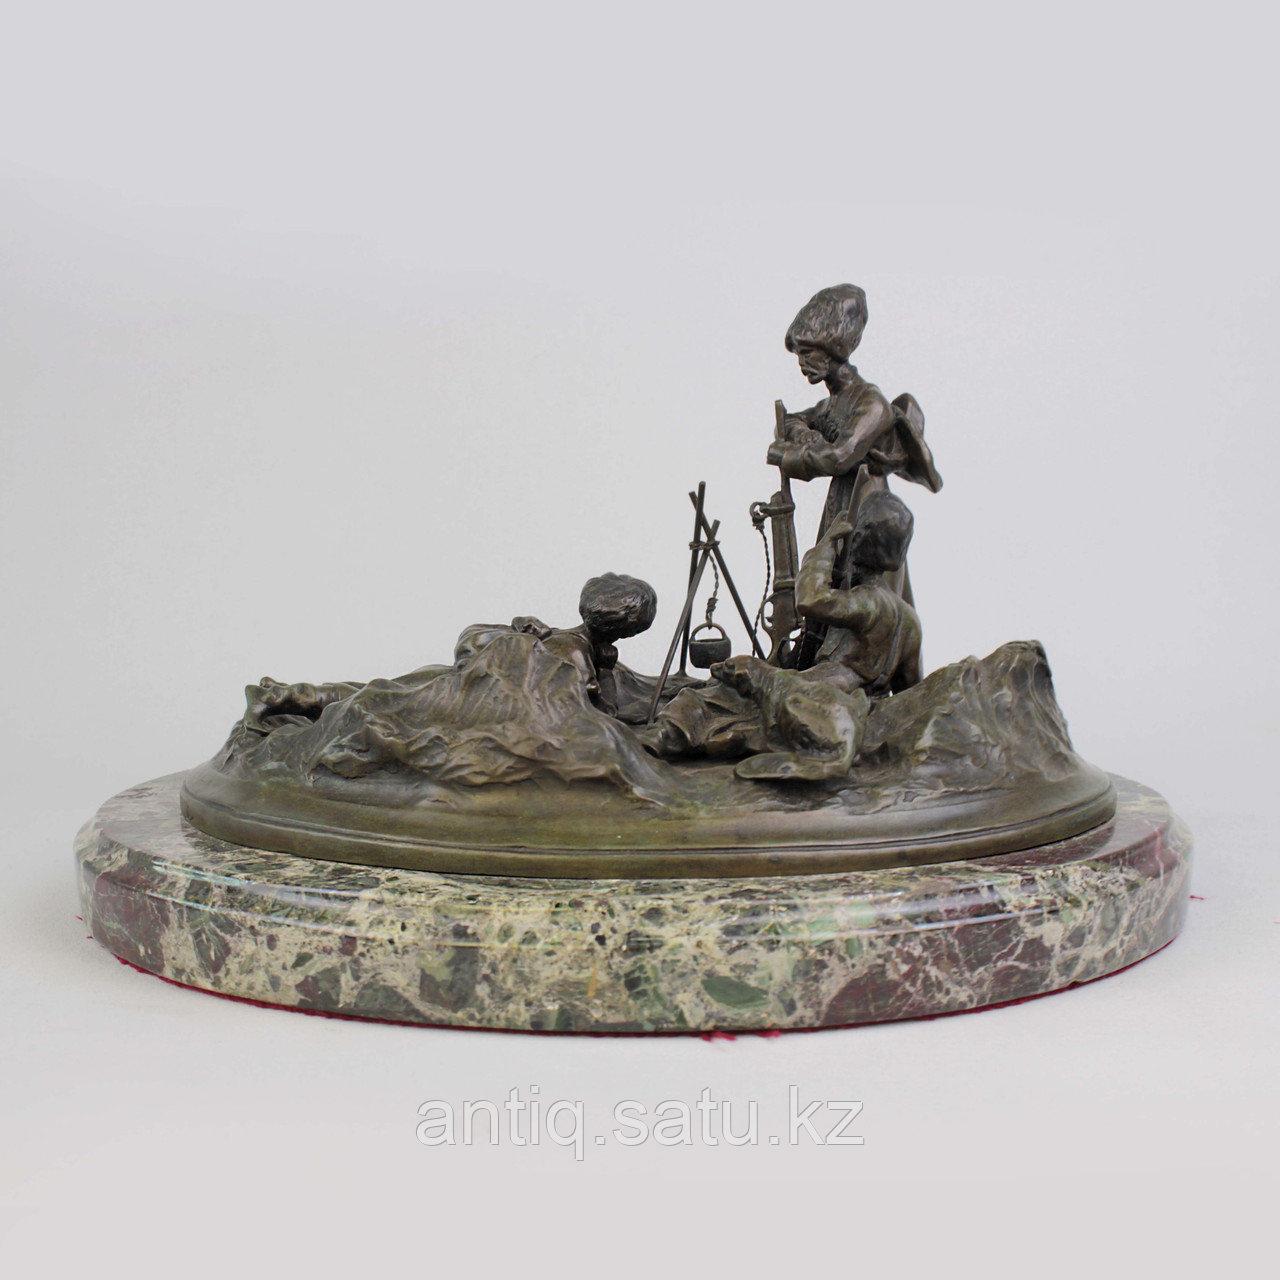 Черкес, заметивший врага. По модели российского скульптора В.Я. Грачева - фото 1